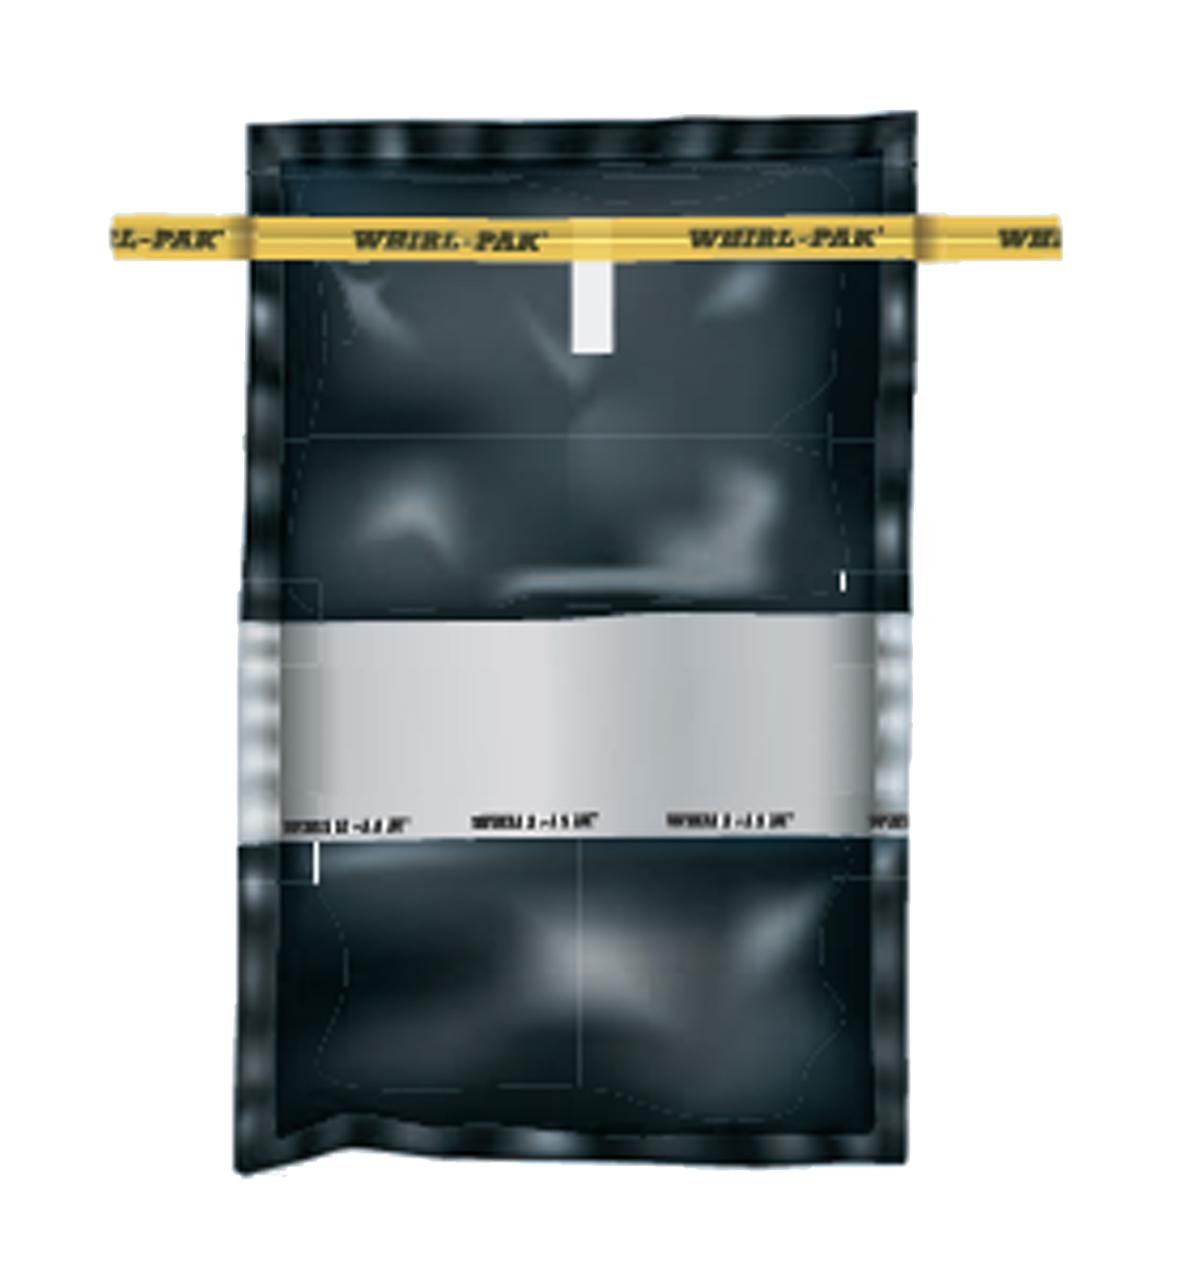 Стерильные пакеты для отбора проб Whirl-Pak черные